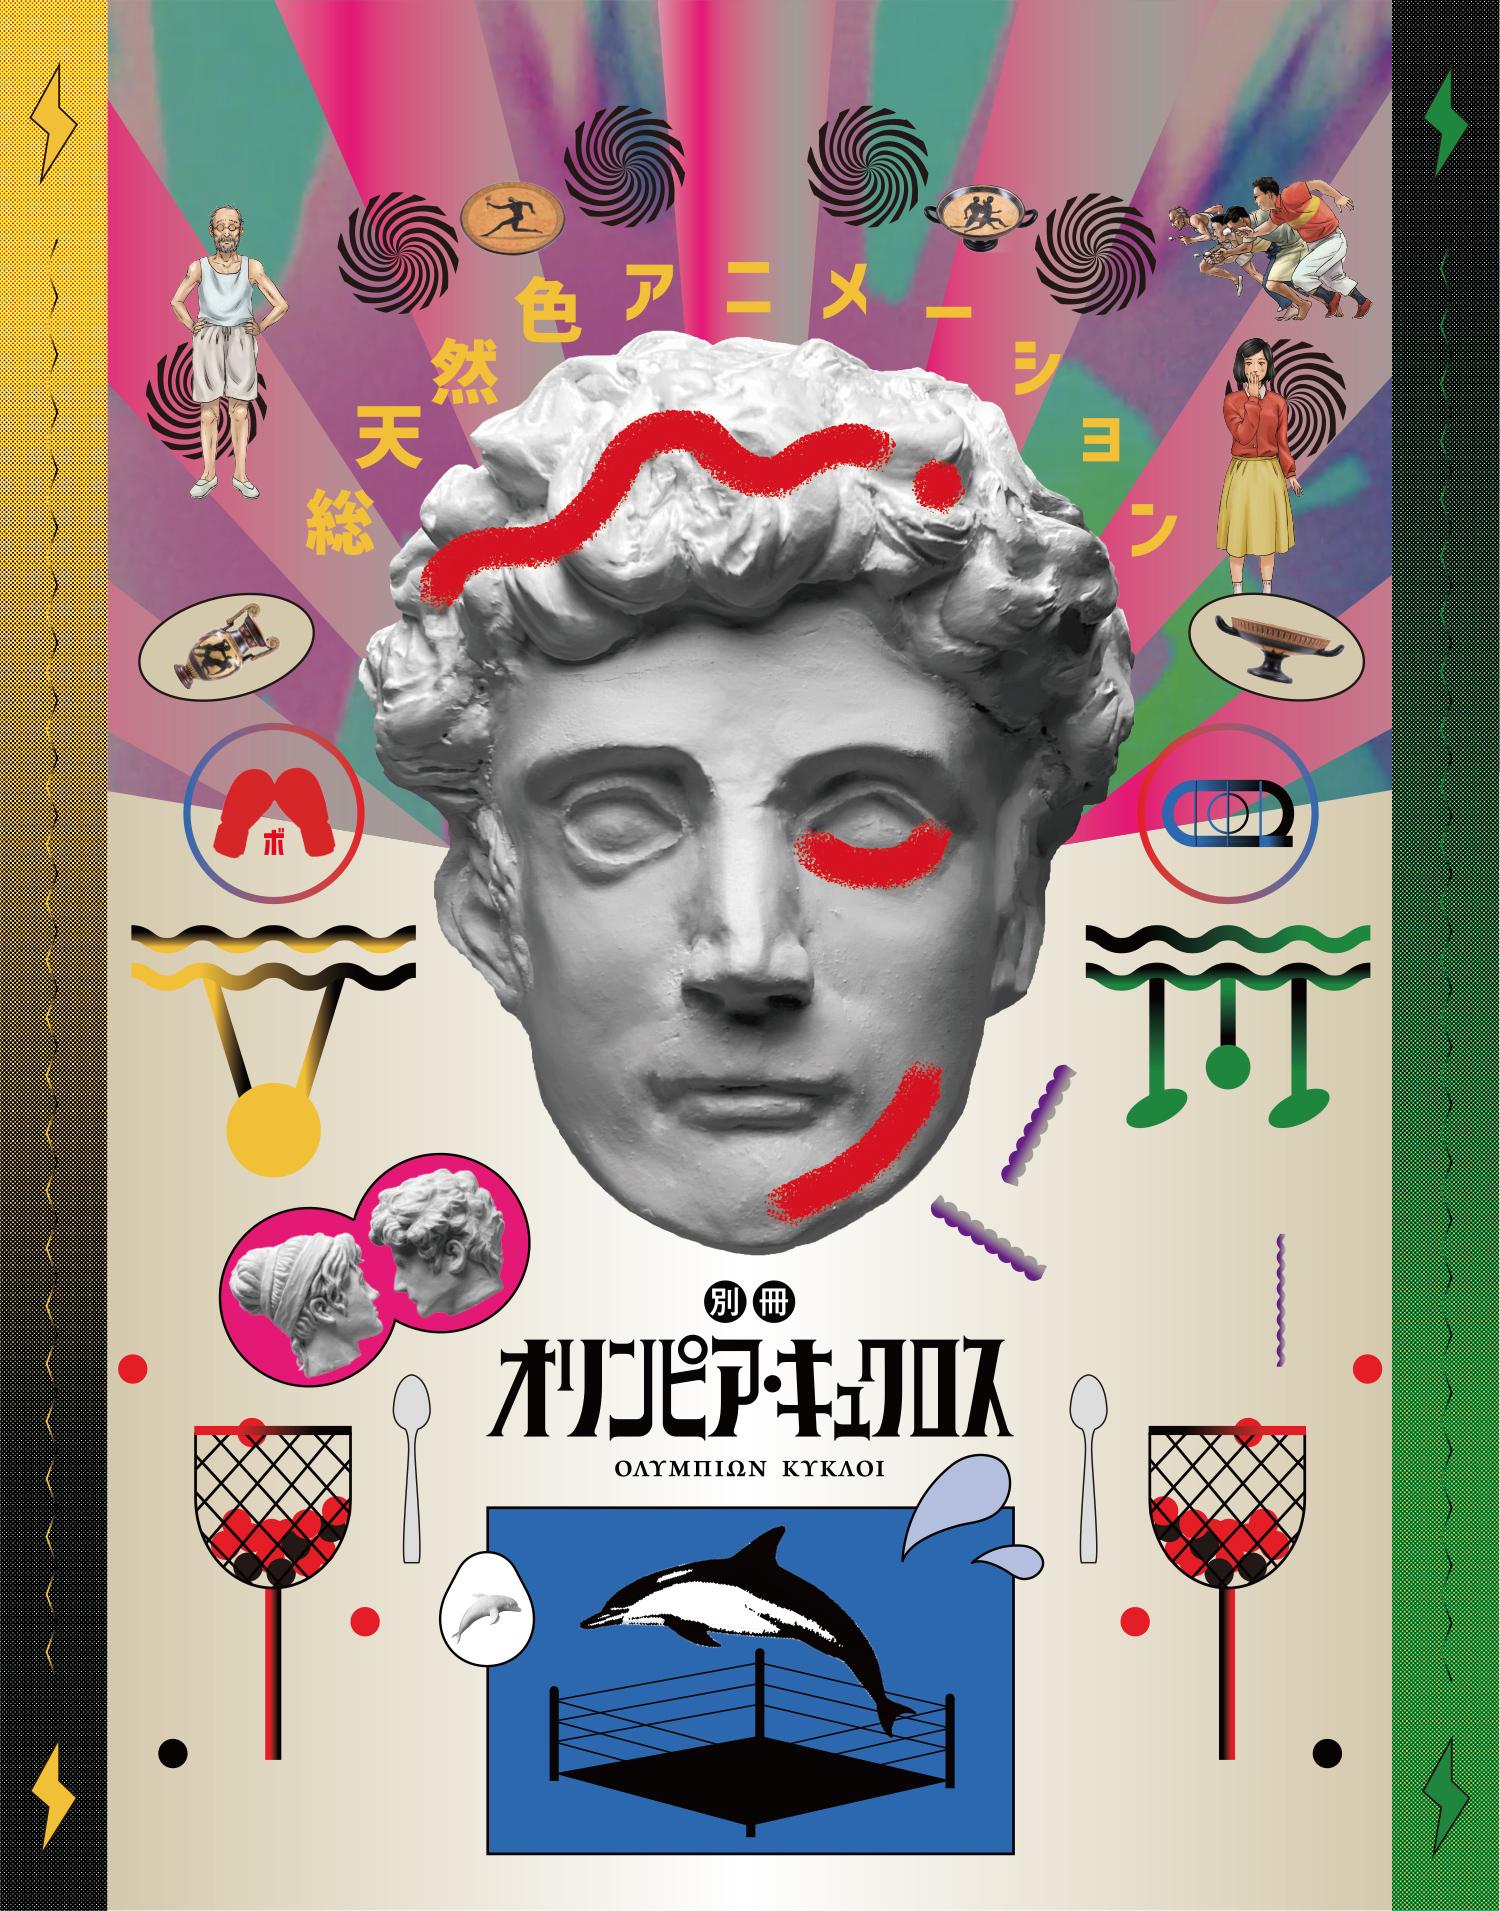 別冊オリンピア・キュクロス(アニメ)画像